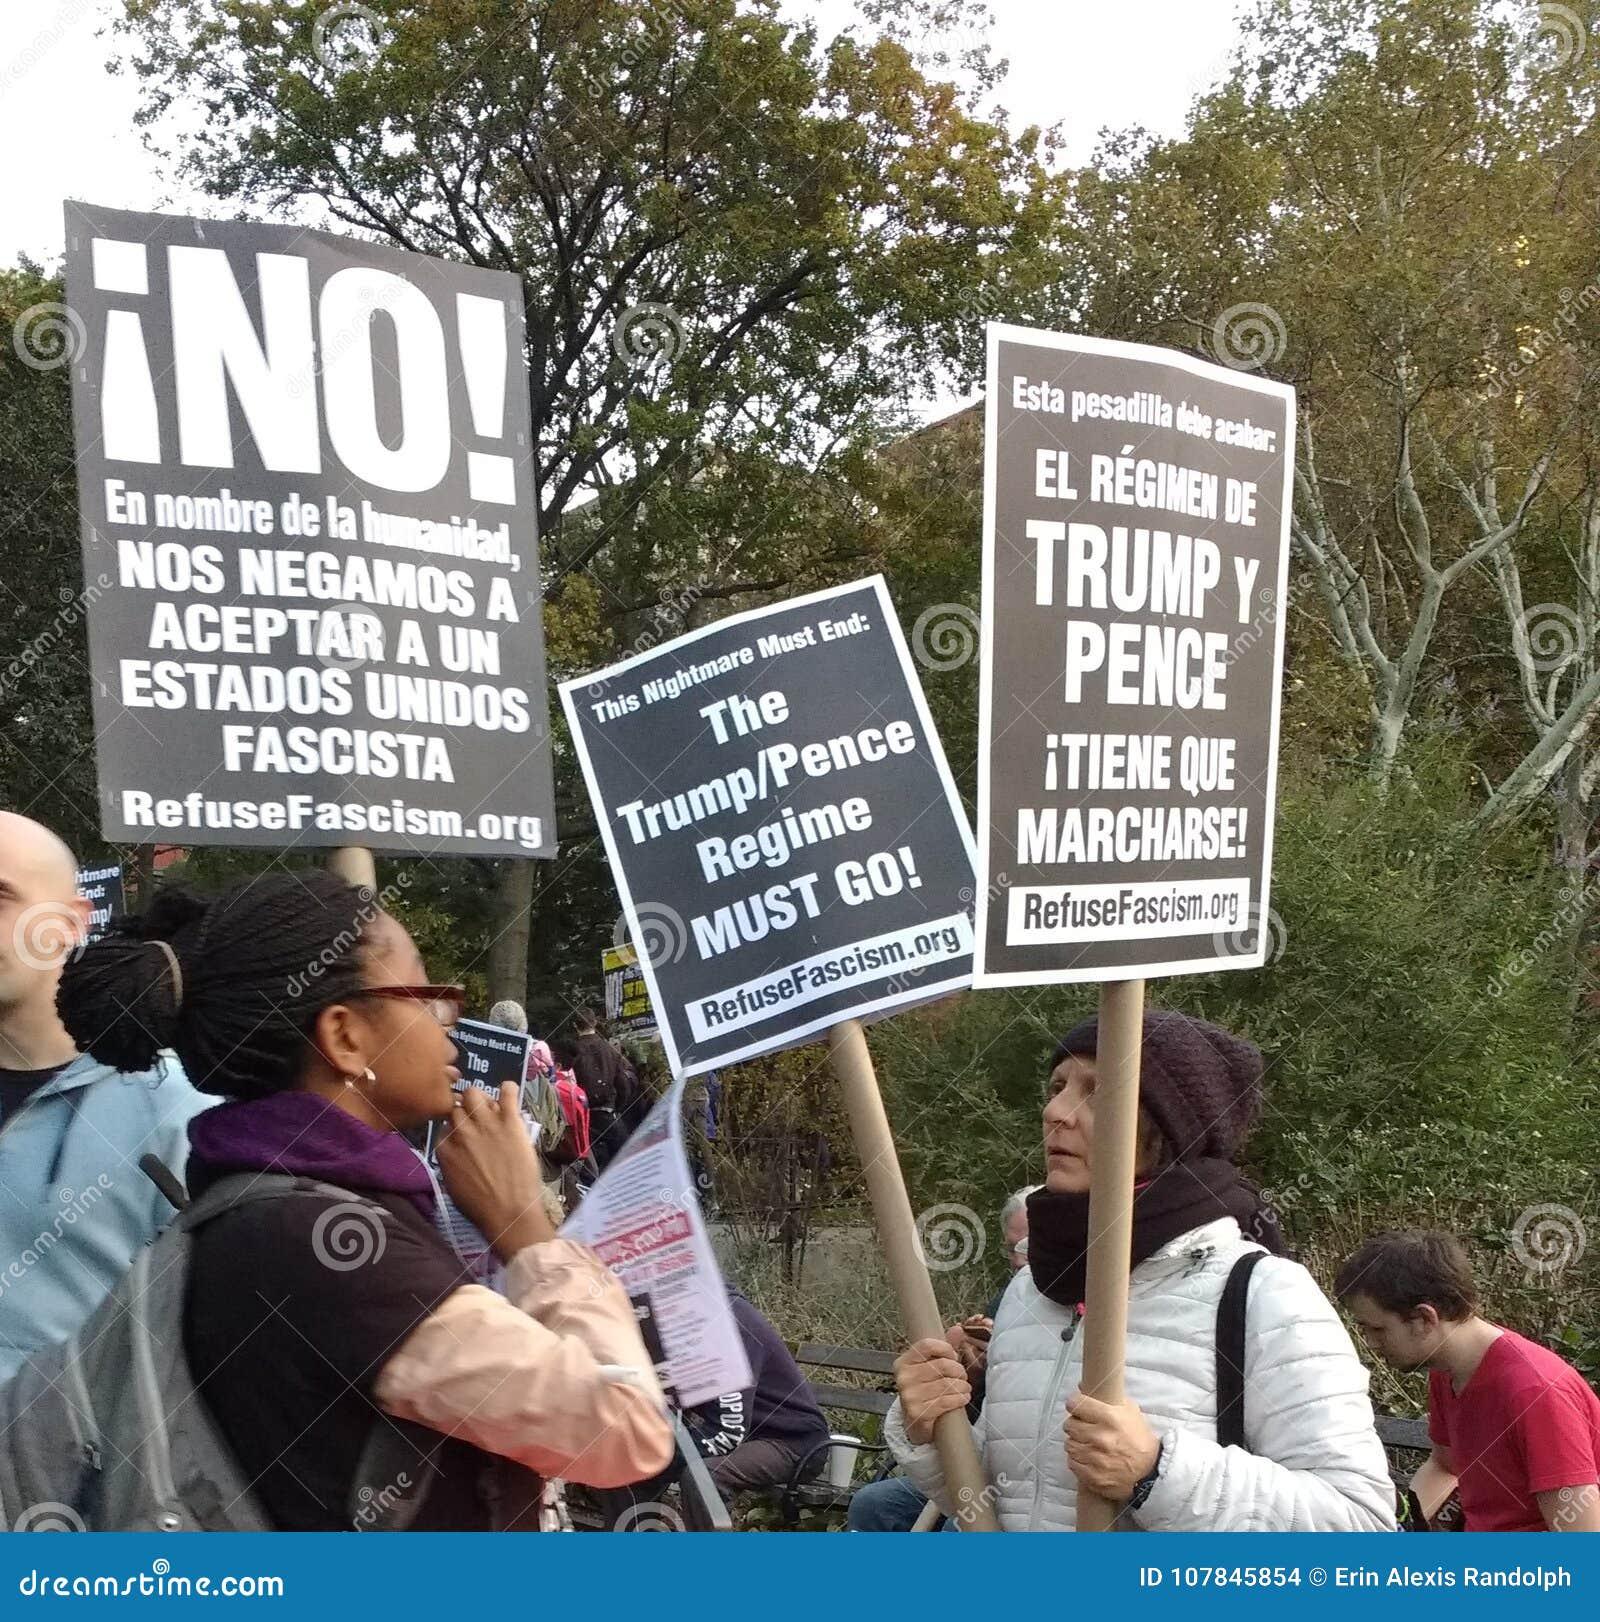 Trumpf-Regime muss gehen, Faschismus, Washington Square Park, NYC, NY, USA abzulehnen